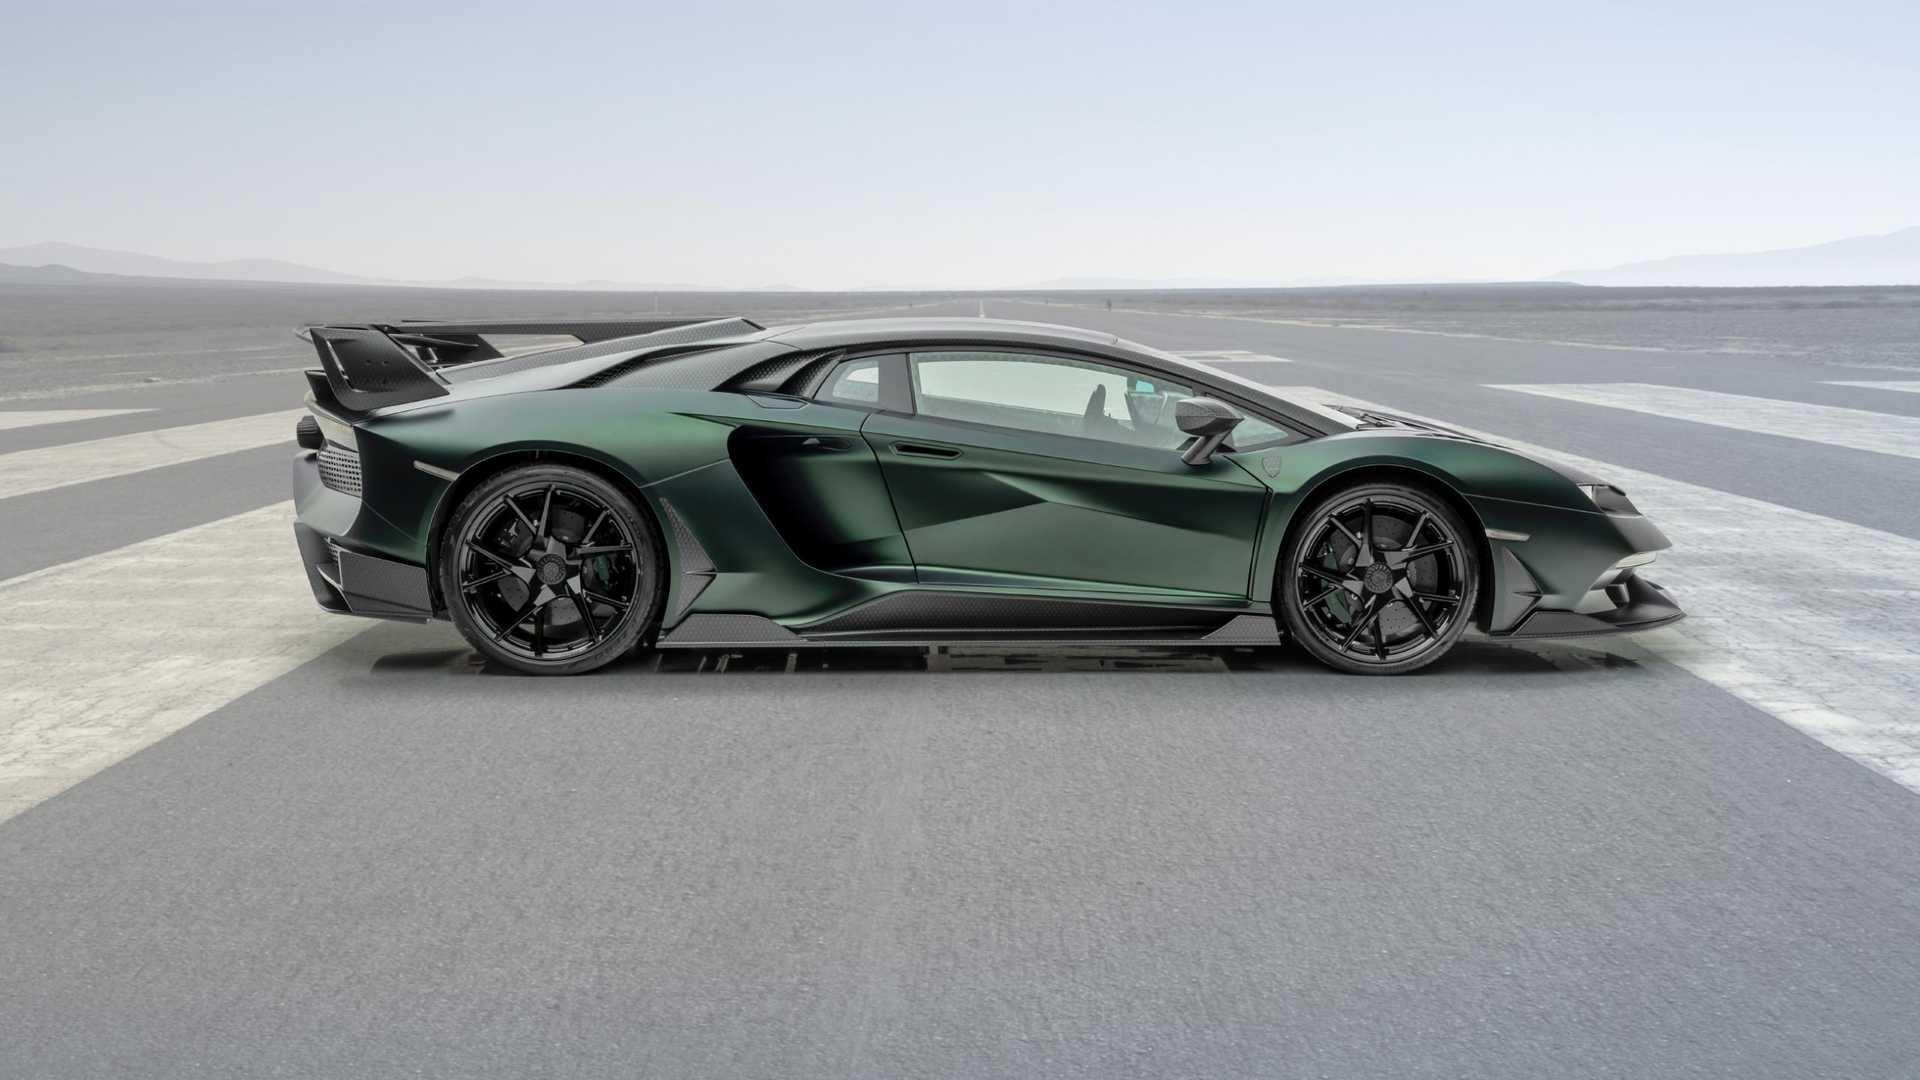 Mansory-Cabrera-Lamborghini-Aventador-SVJ-5